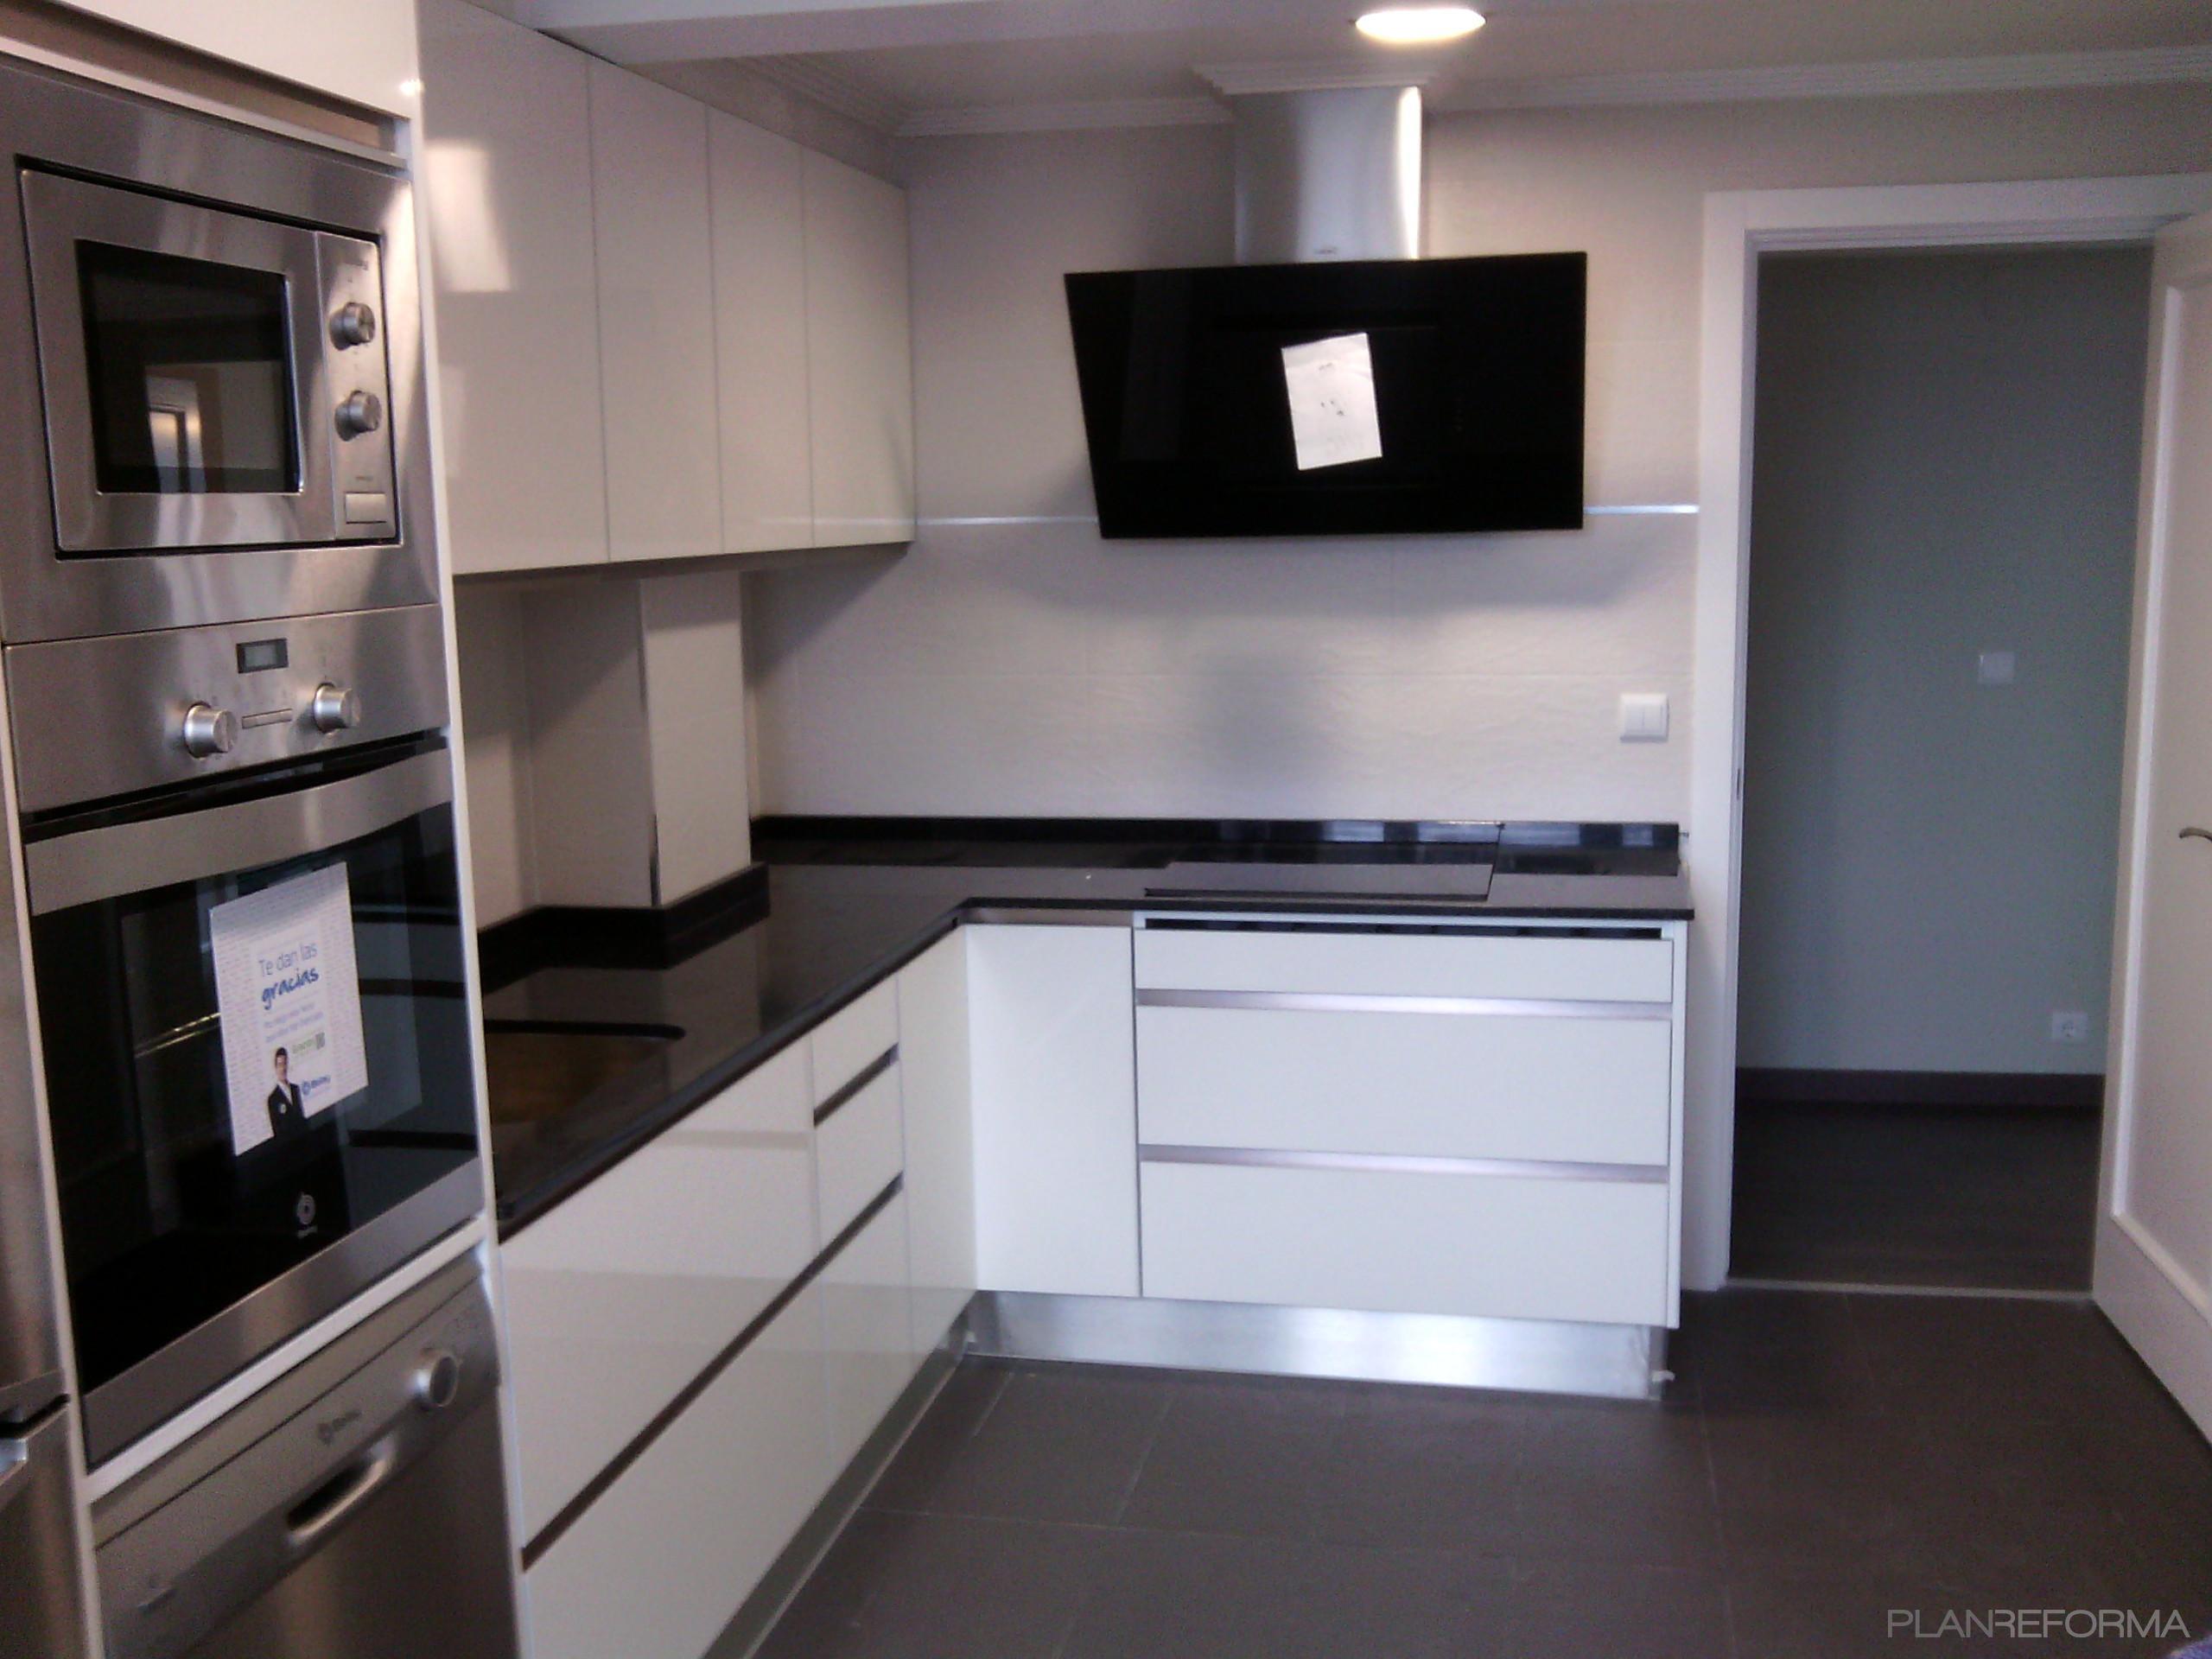 Cocina style contemporaneo color blanco, negro, plateado